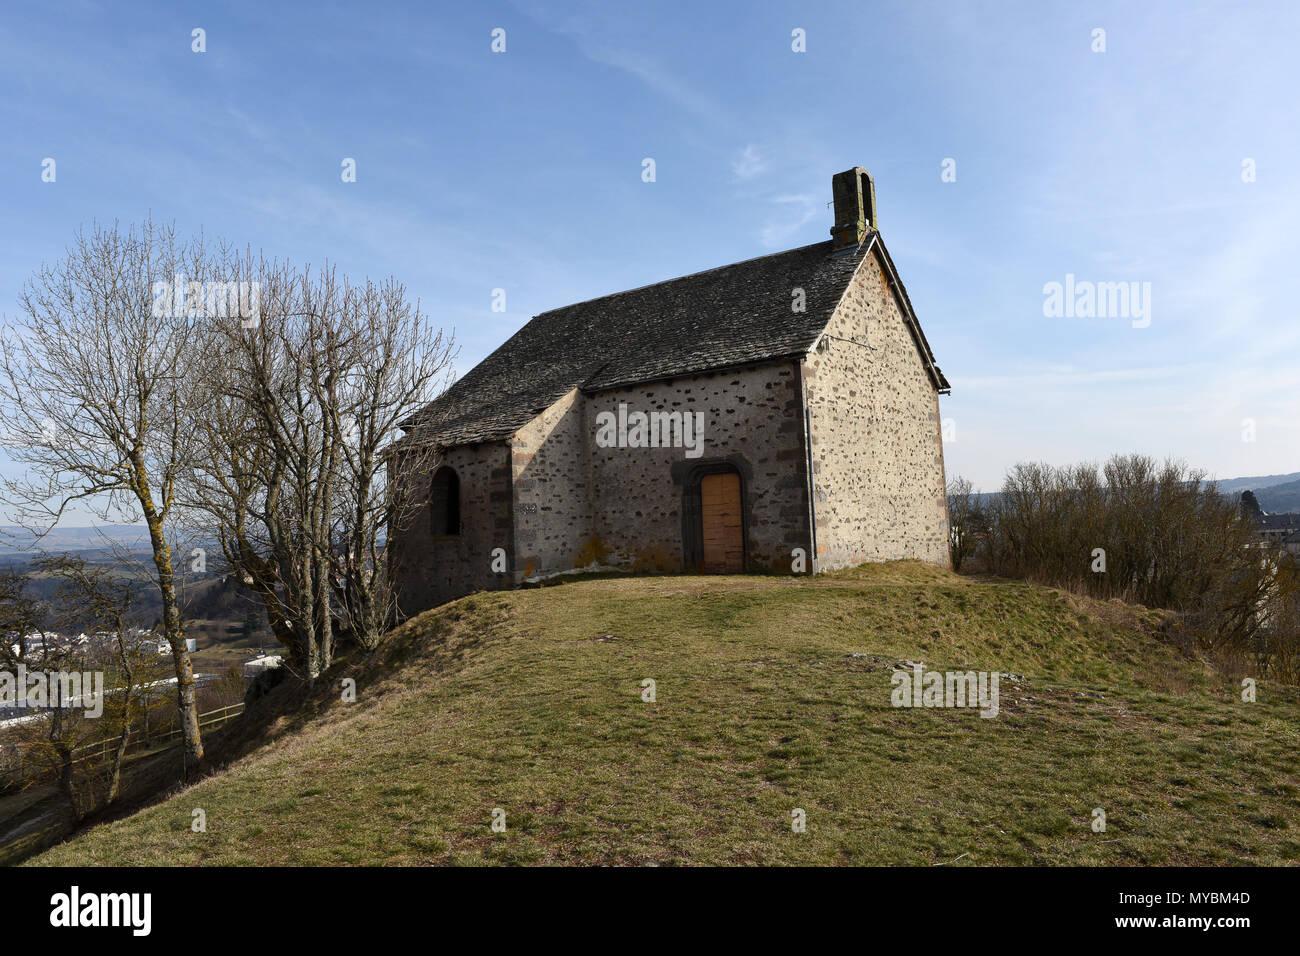 Chapelle du calvaire Saint-Flour in the Auvergne region of France - Stock Image